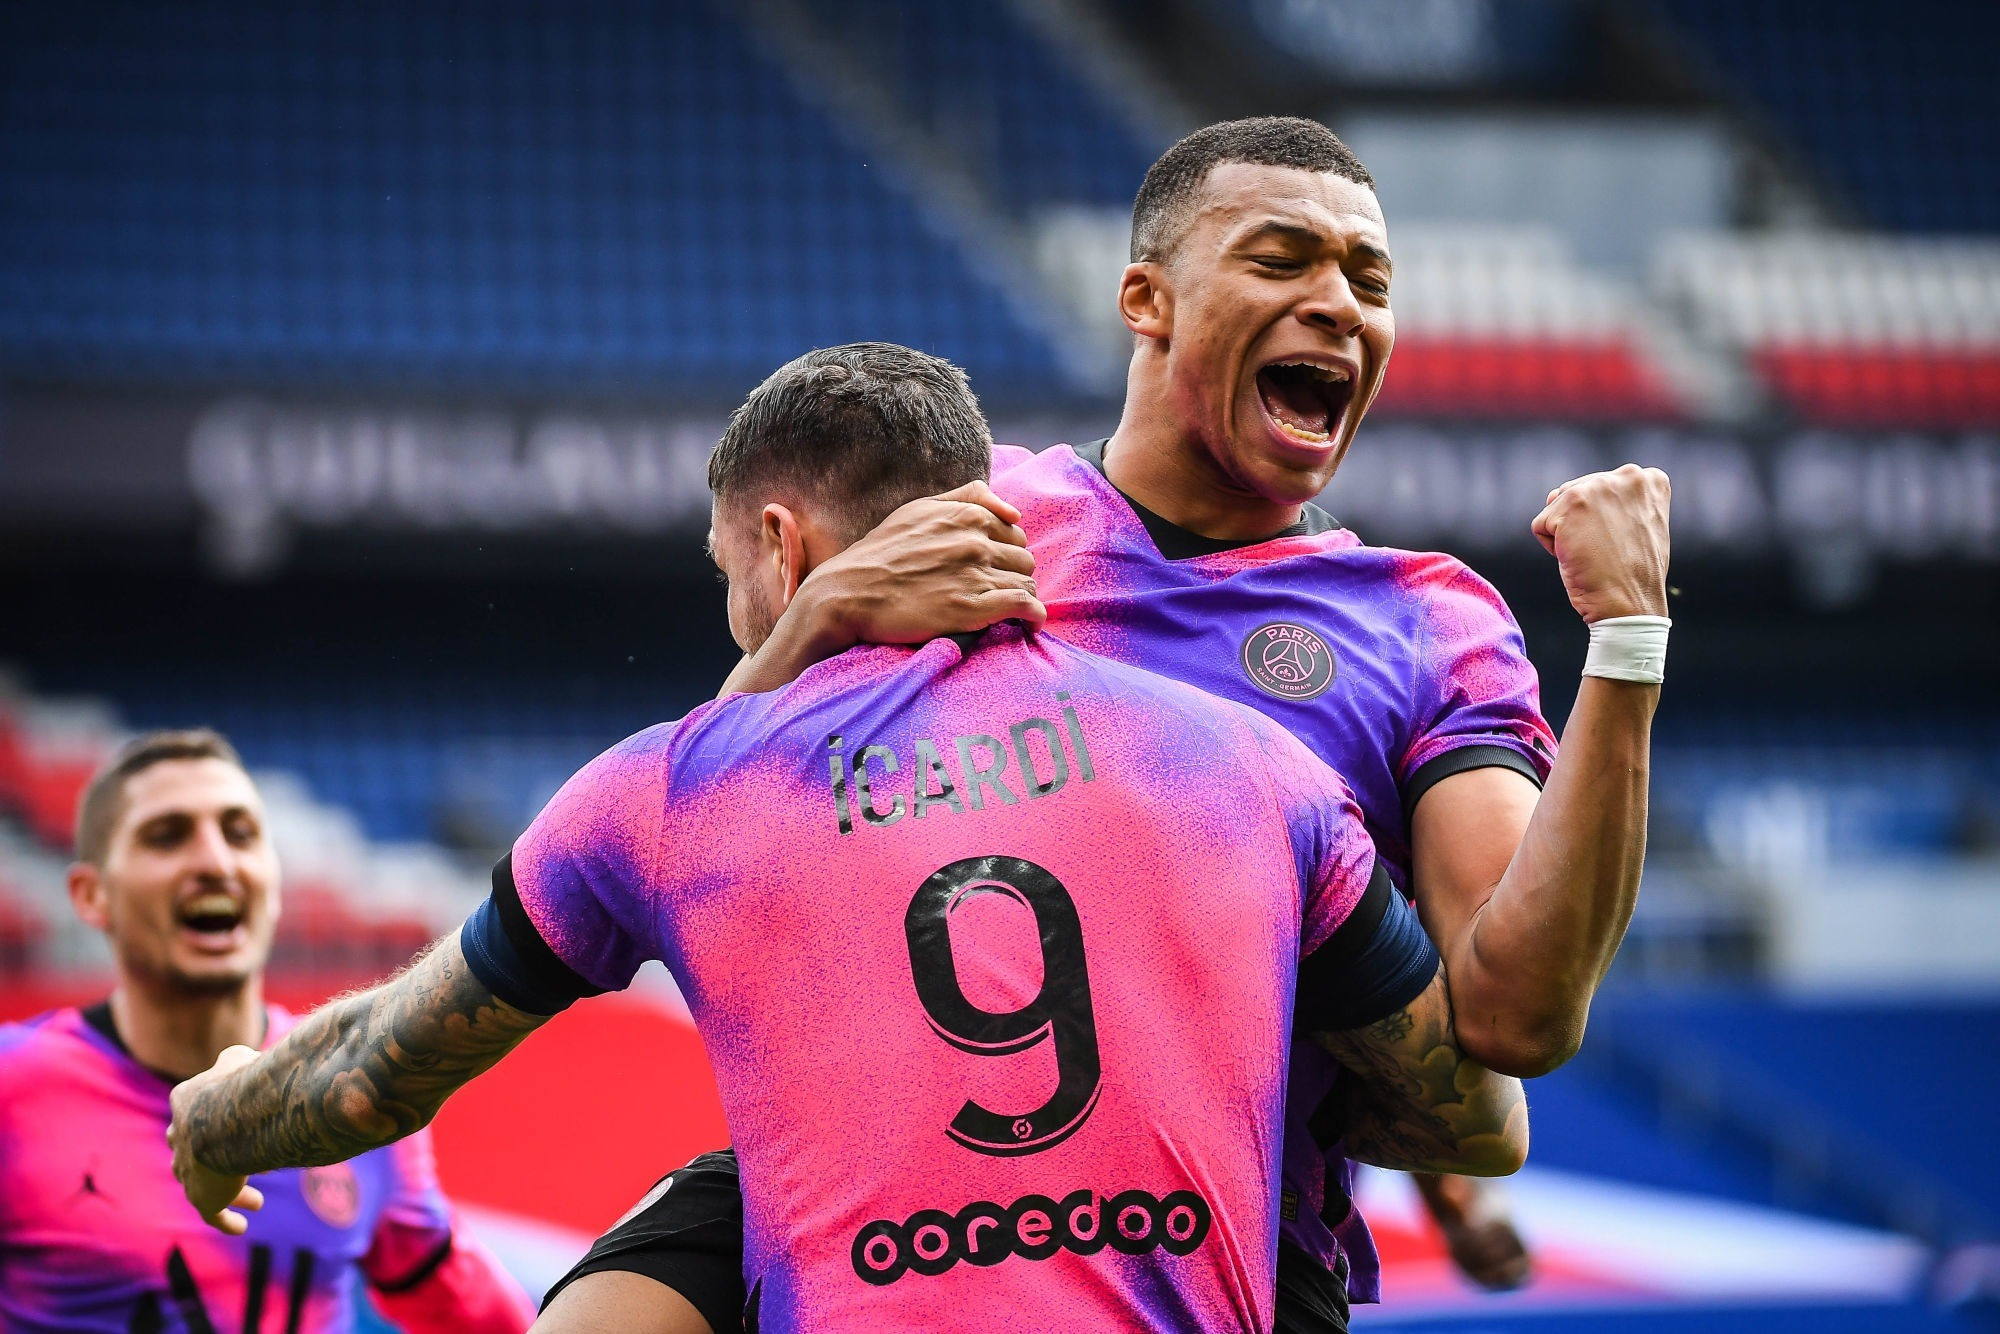 """PSG/Saint-Etienne - Icardi évoque son retour et la victoire """"Difficile d'espérer mieux."""""""